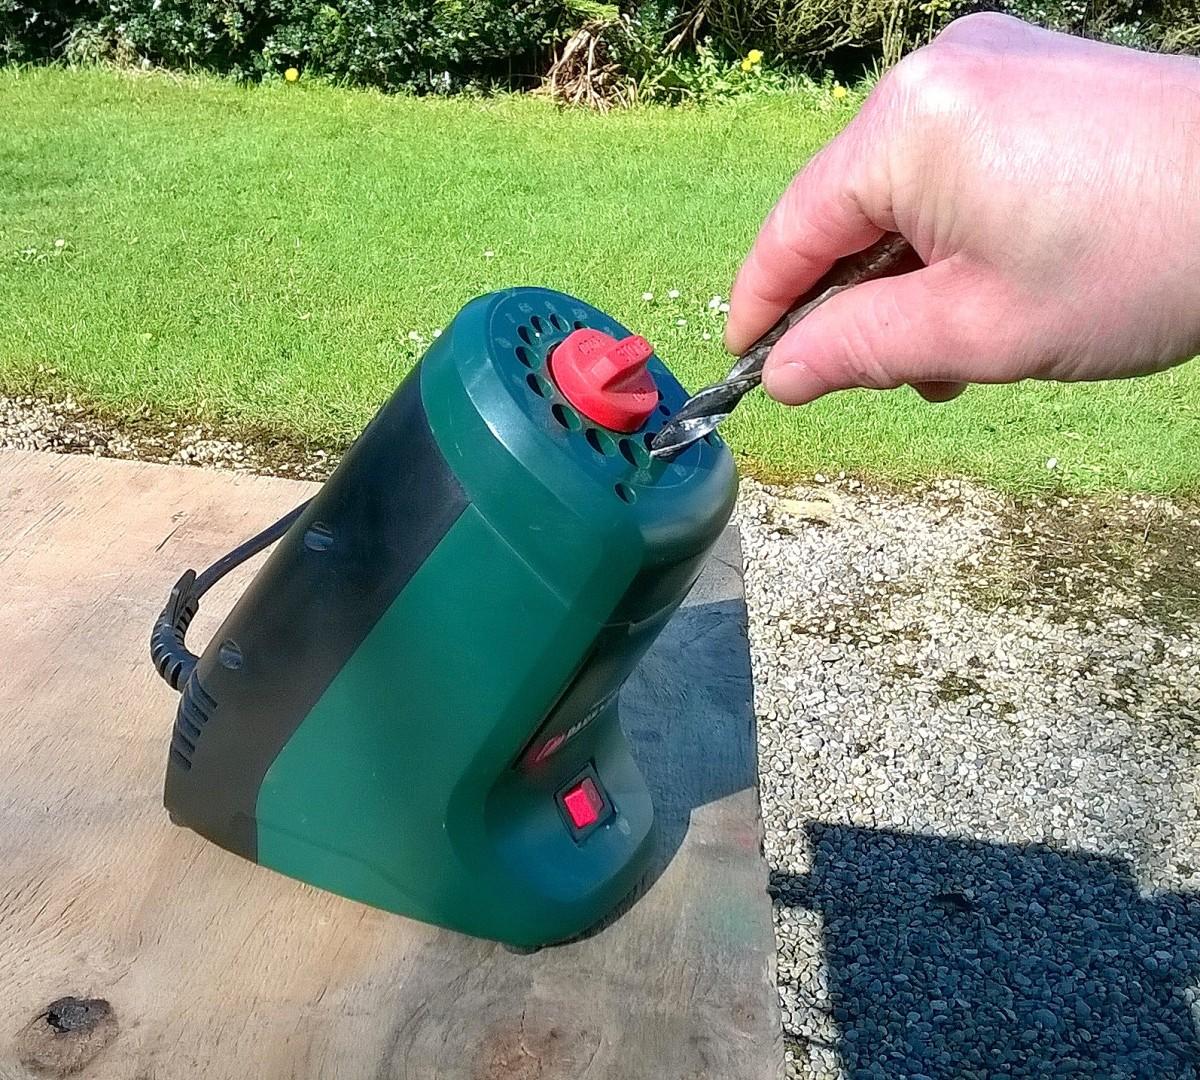 Drill sharpener